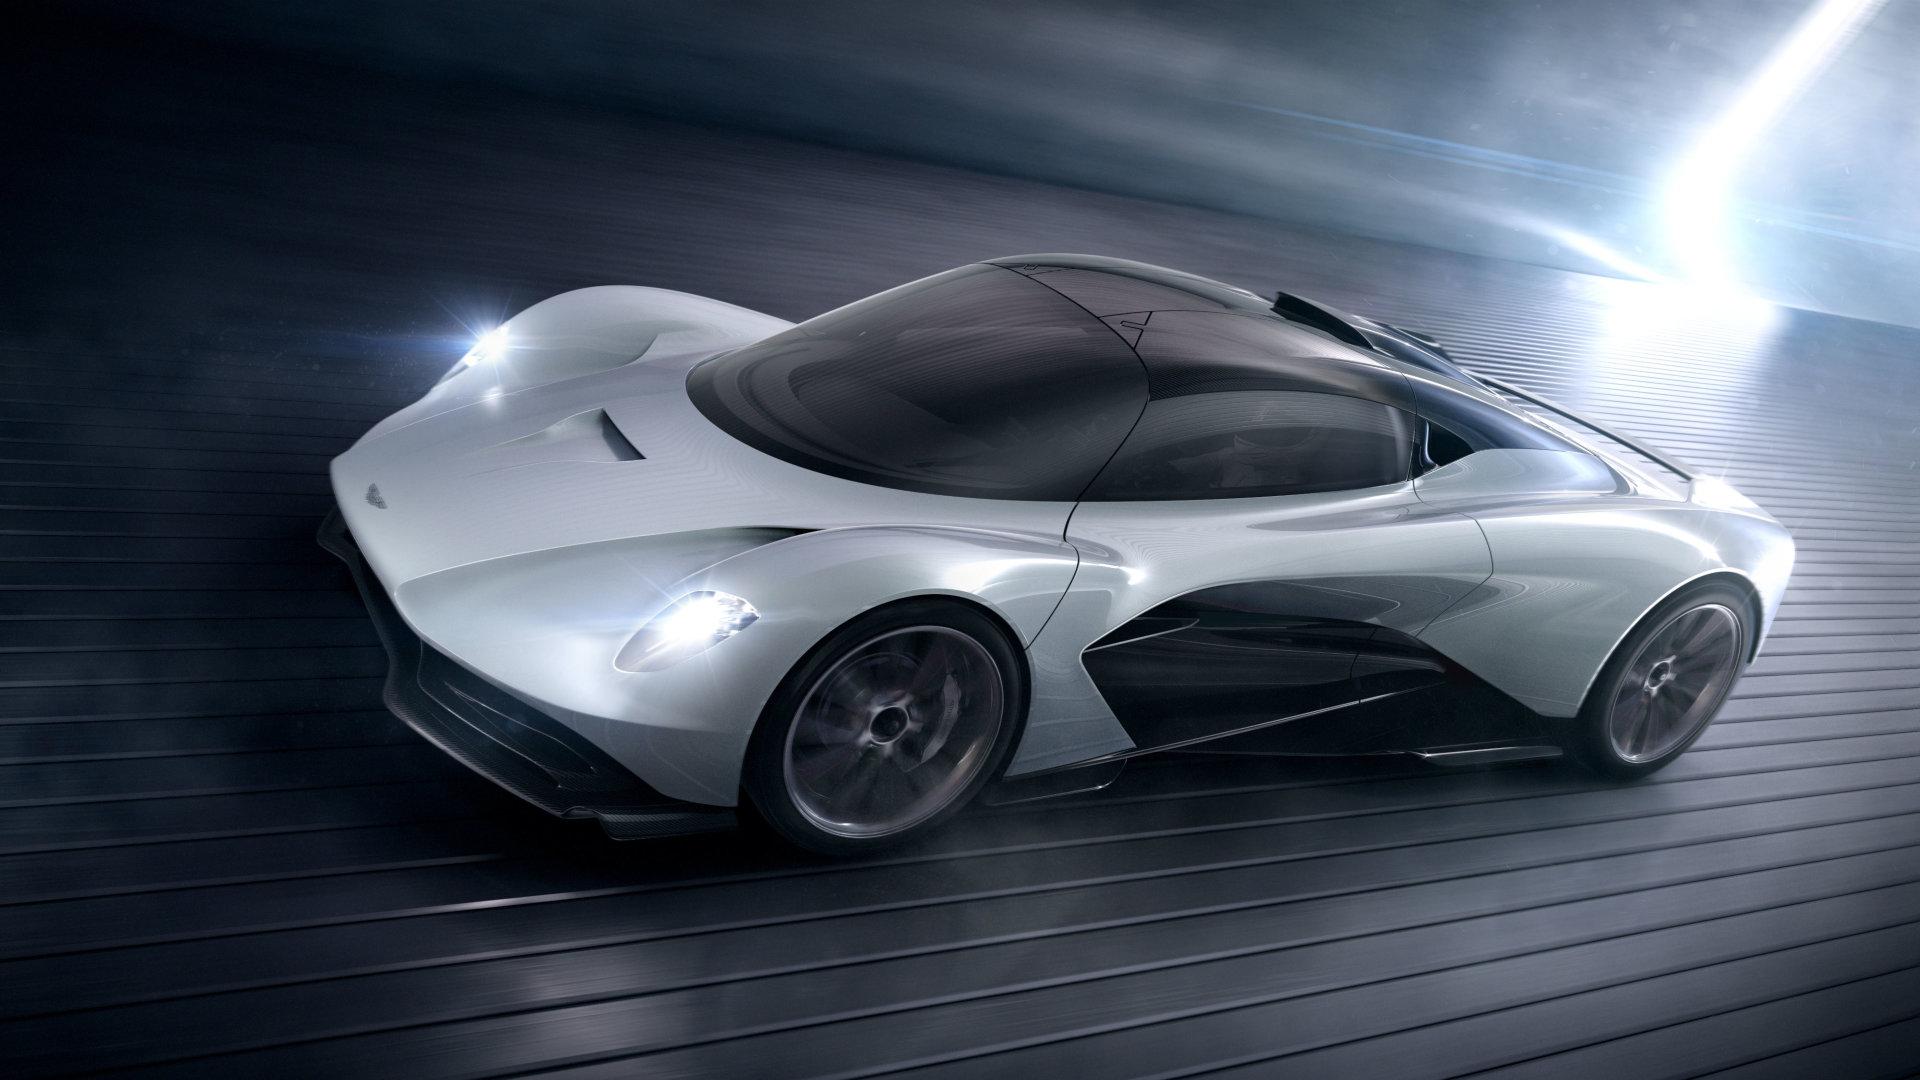 Ya conocemos nuevos datos del Aston Martin AM-RB 003